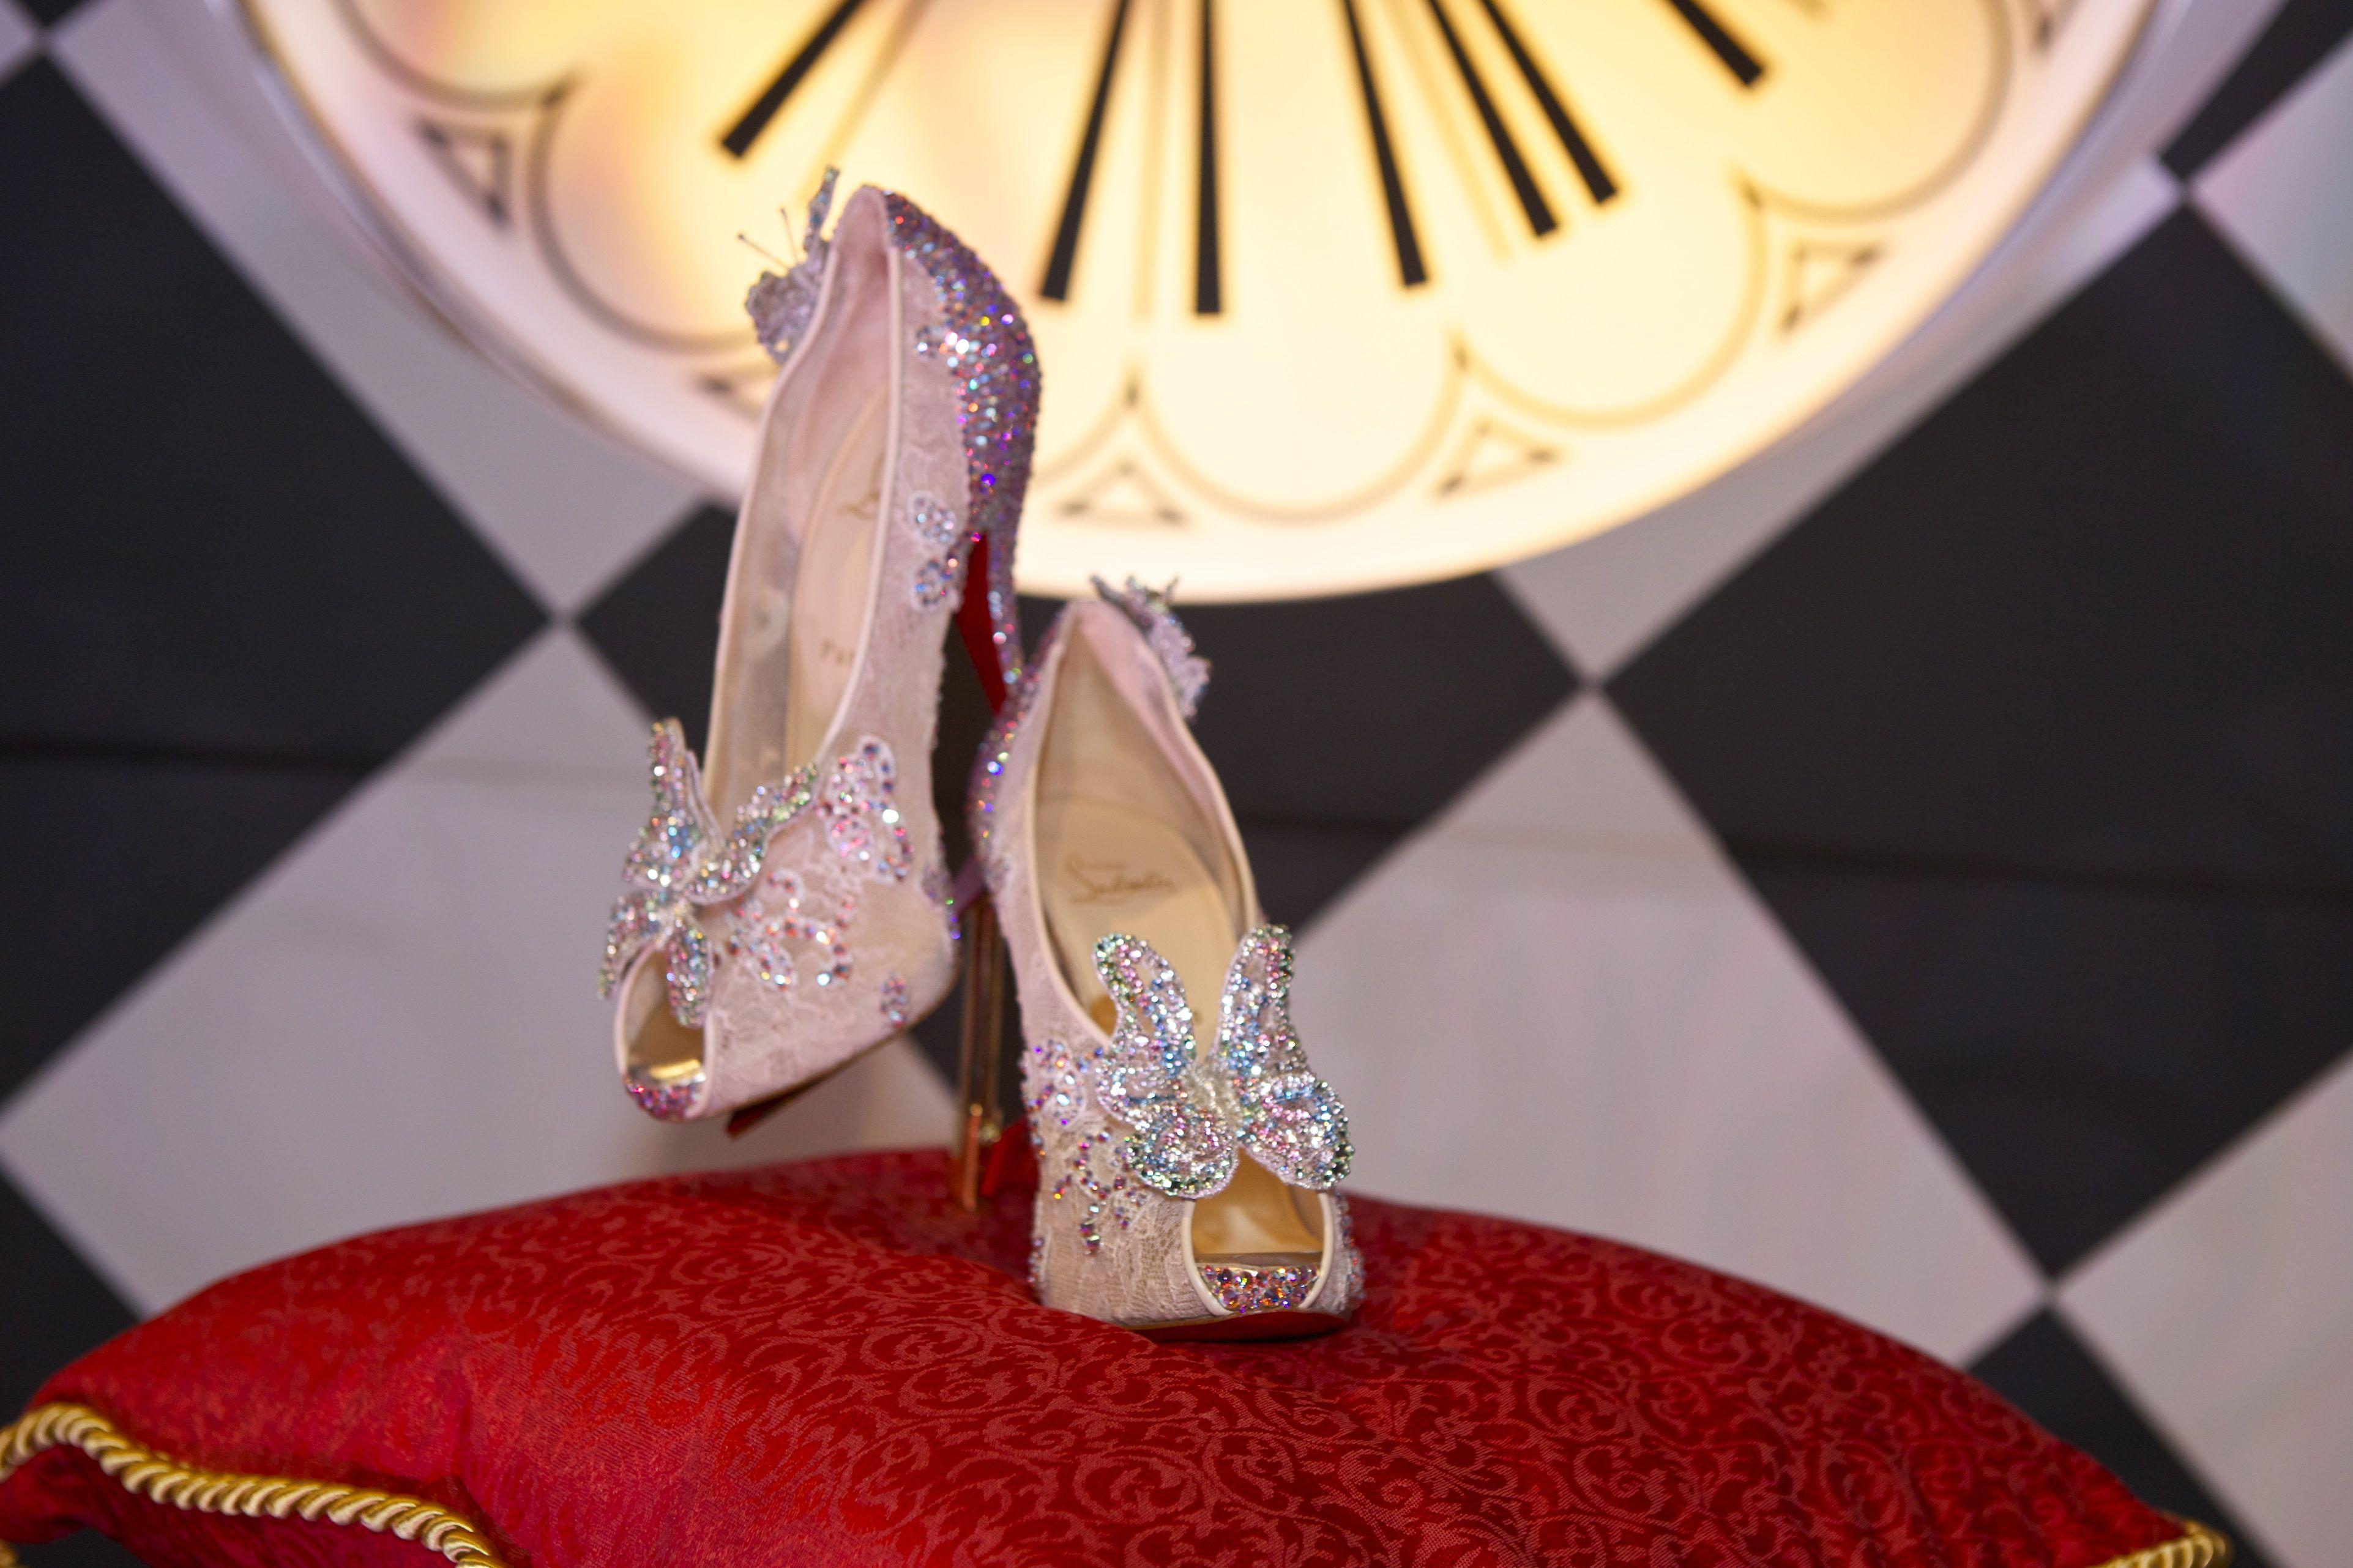 prix chaussure louboutin cendrillon